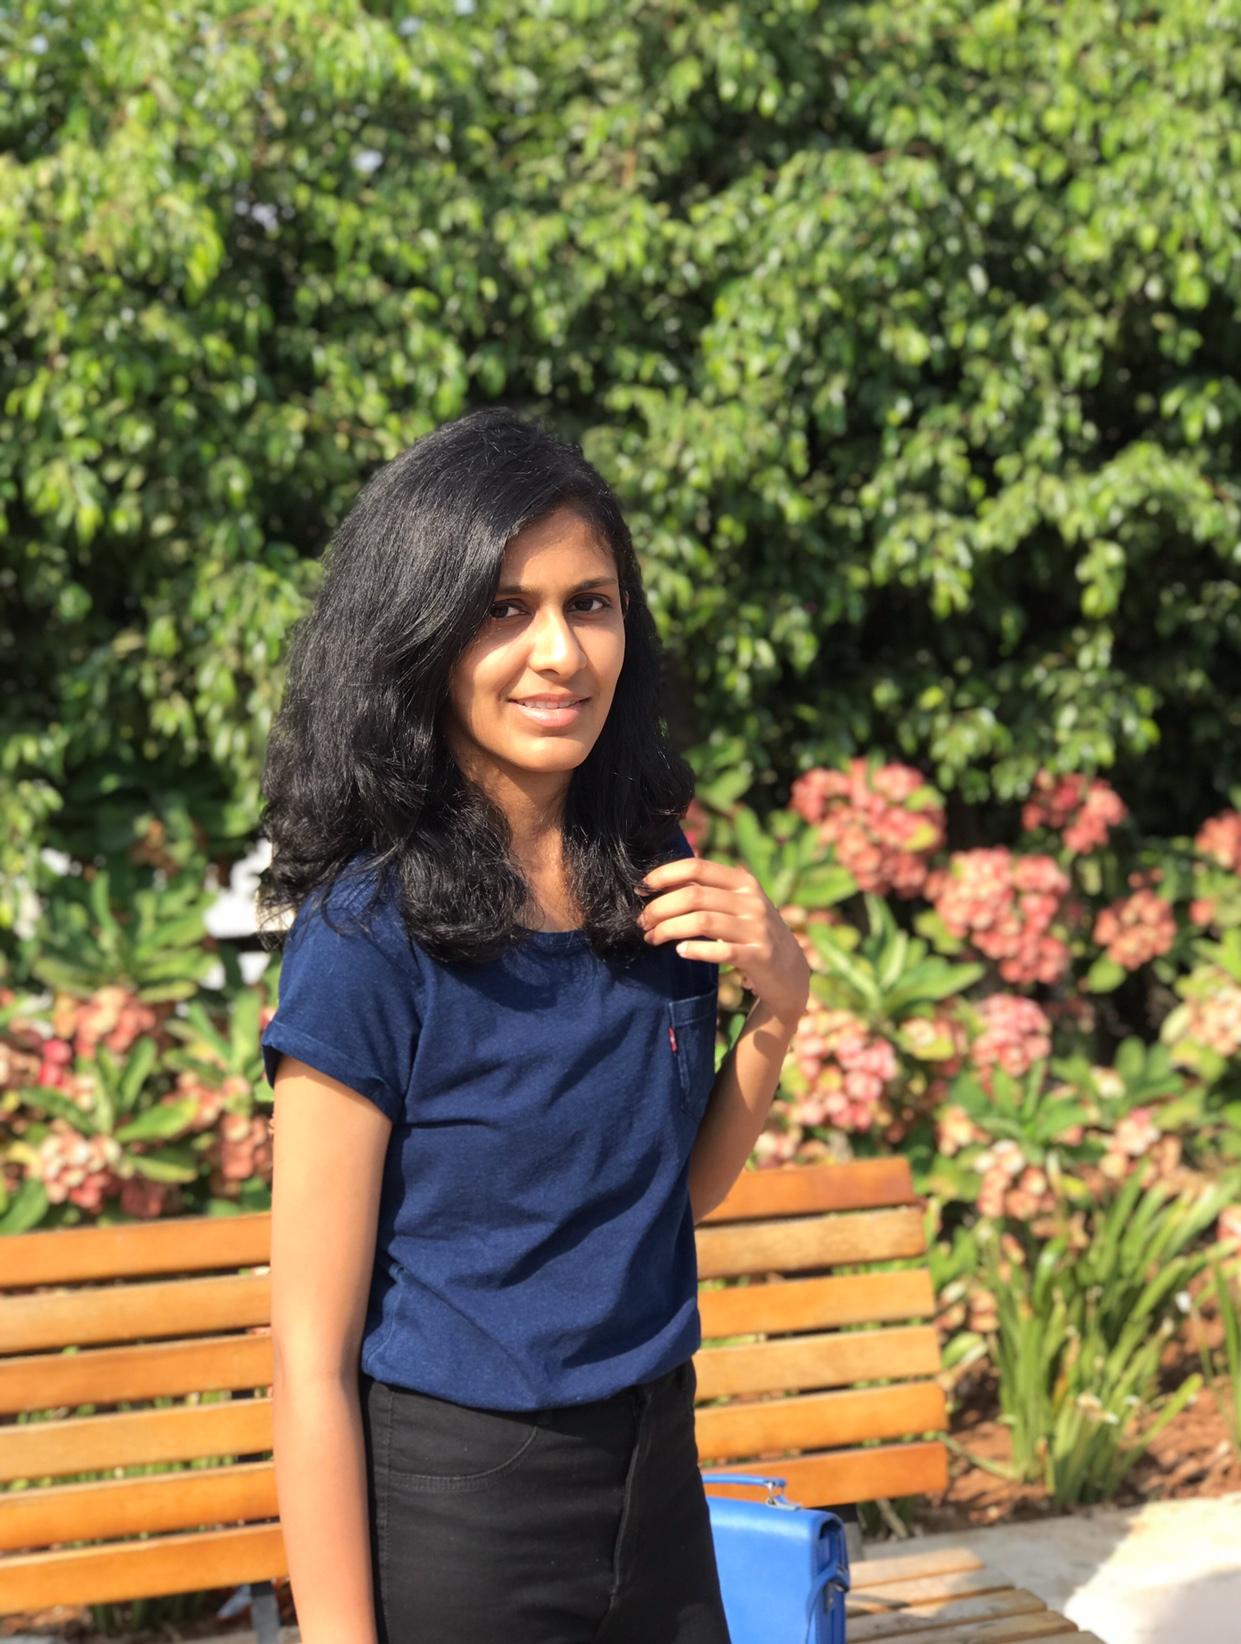 Karishma Nageshwaran